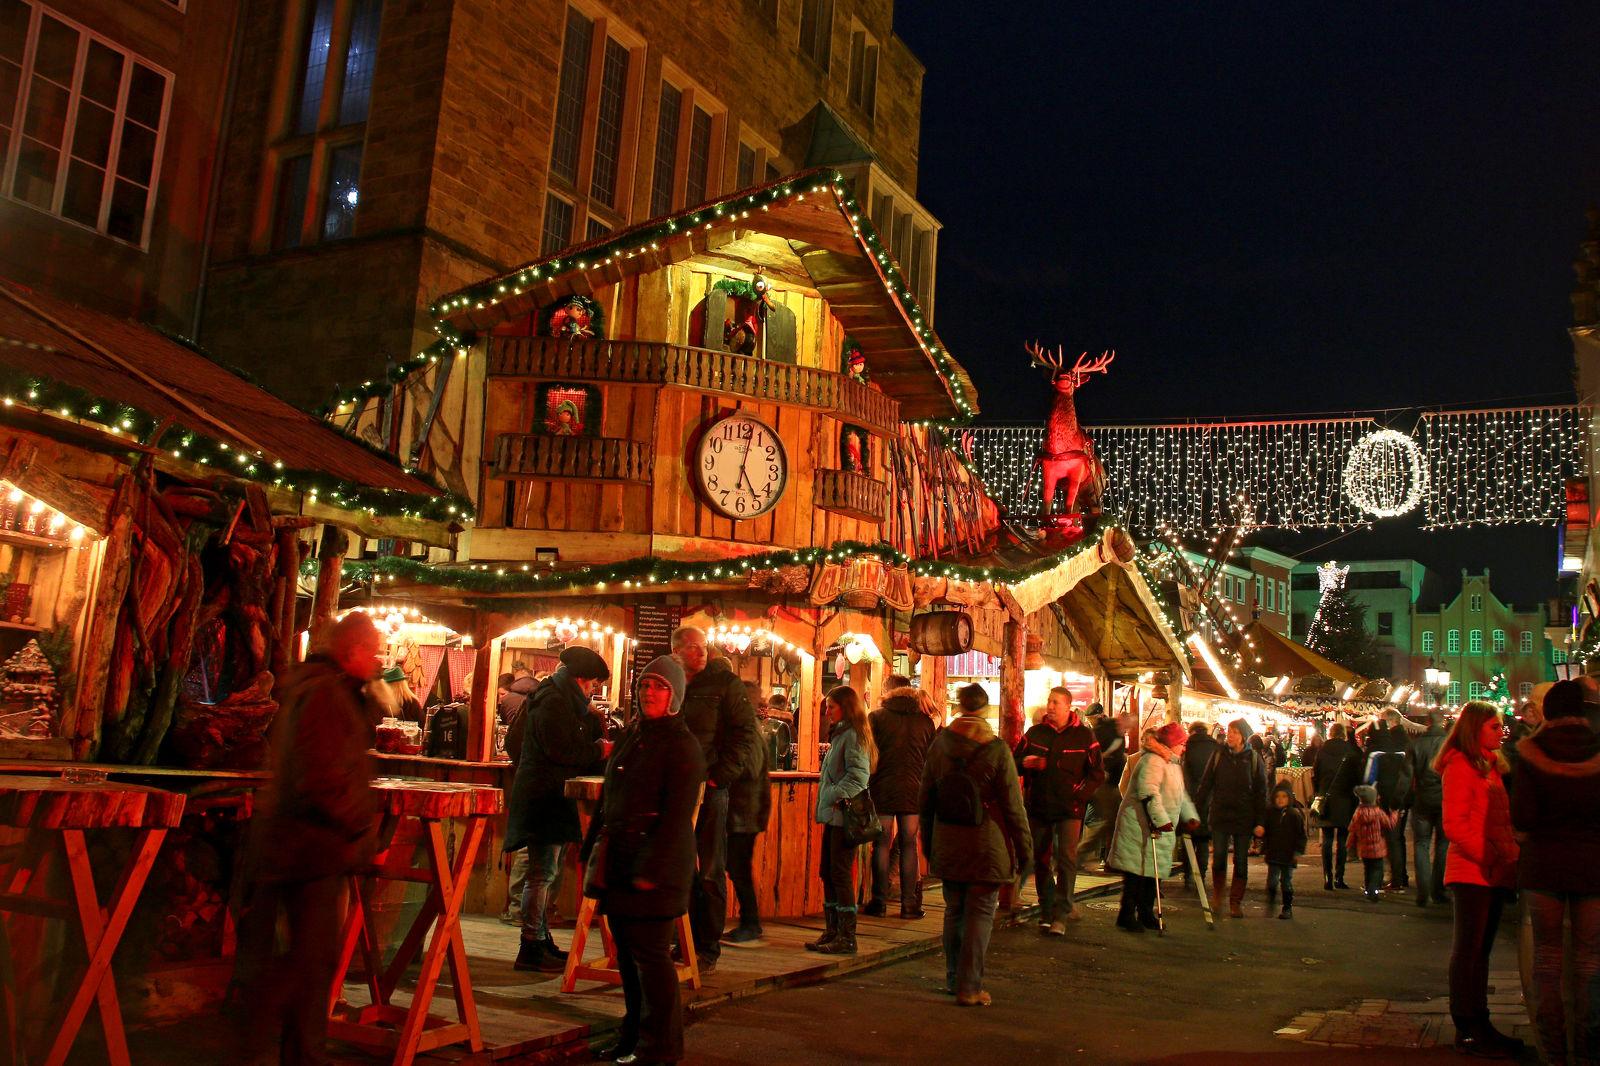 Kerstmarkt In Minden Mindener Weihnachtsmarkt 2018